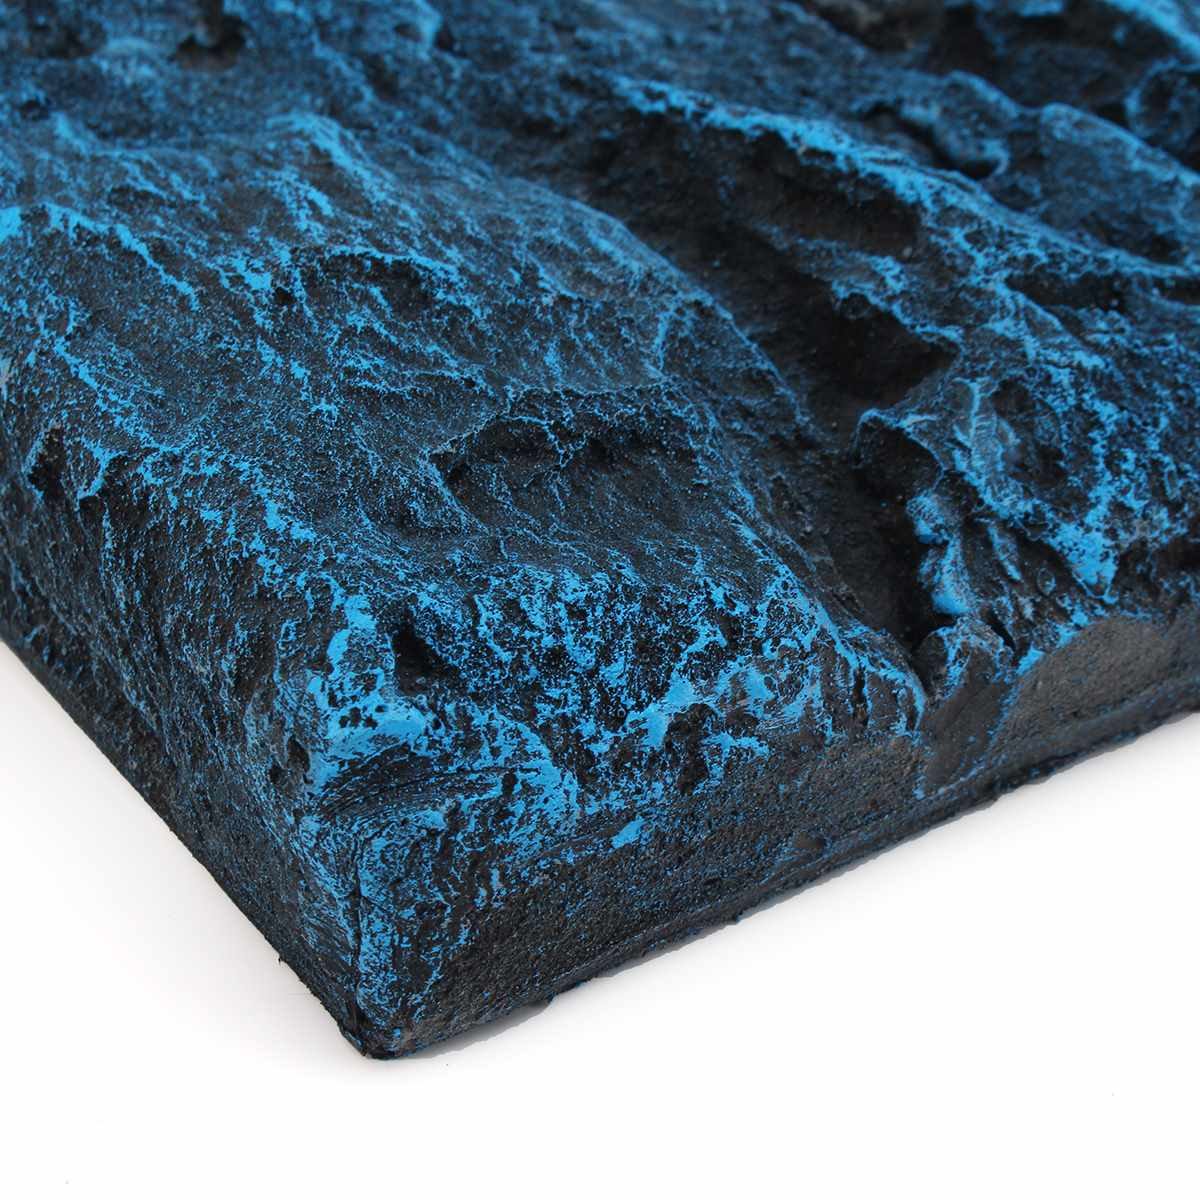 Aquarium Hintergrund 60x45x5 Cm 3d Pragung Zubehor Platte Safe Dekor